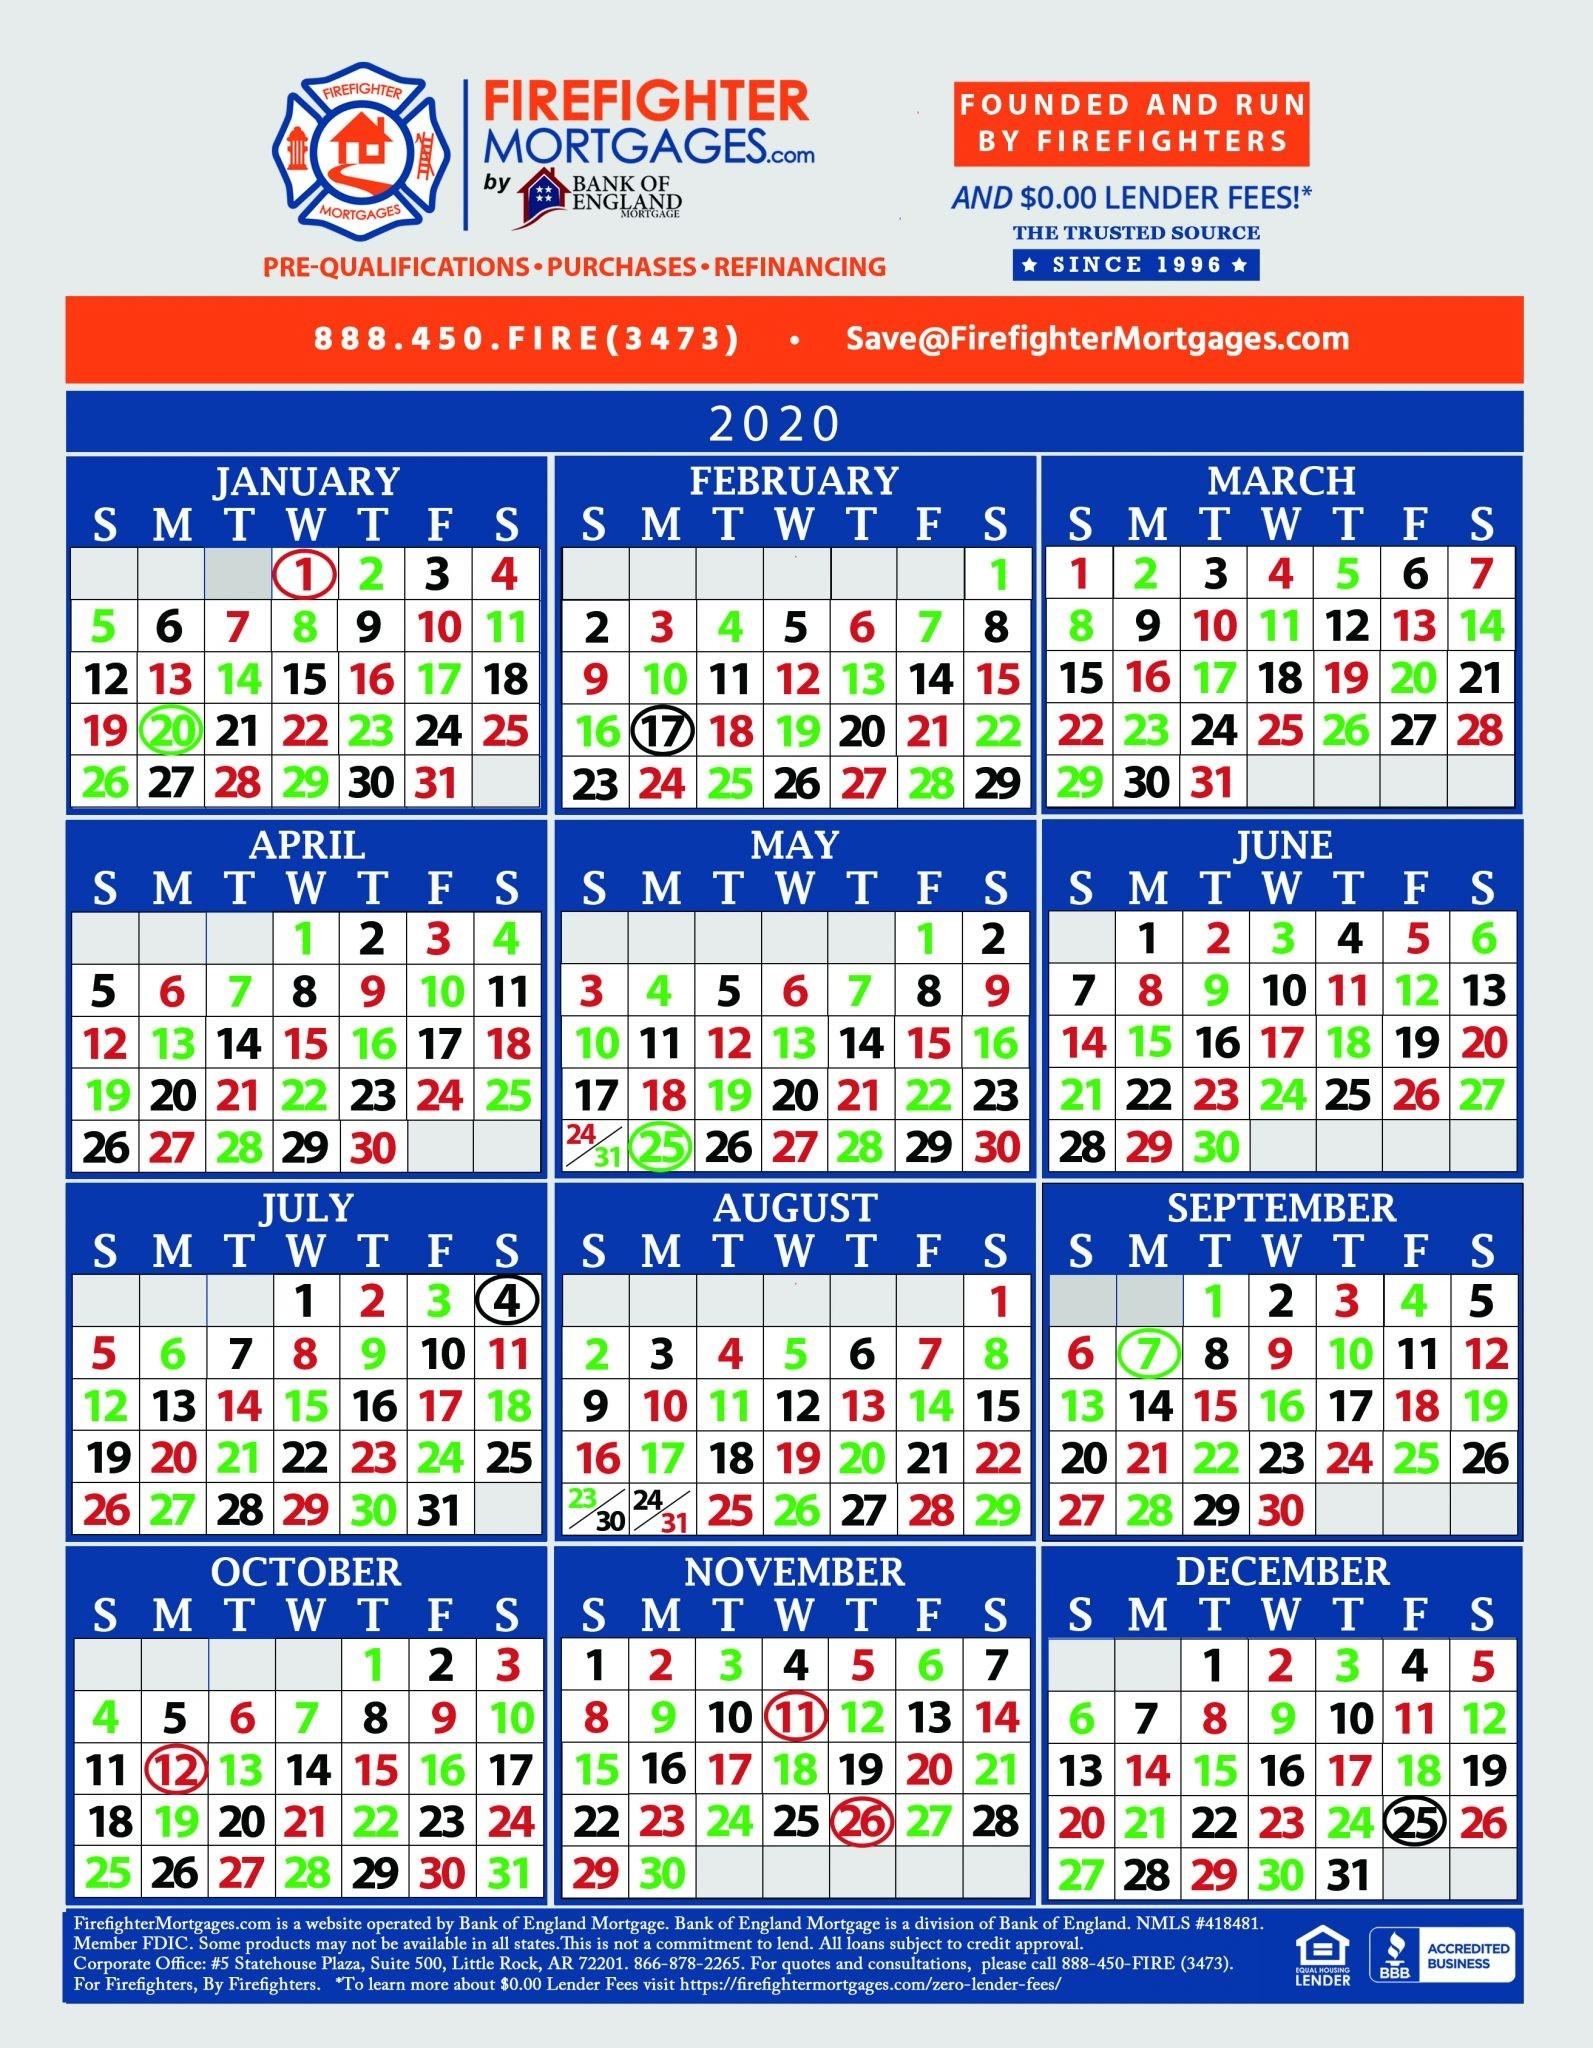 Firefighter Shift Calendars - Firefighter Mortgages®  Phoenix Fire Shift Calendar